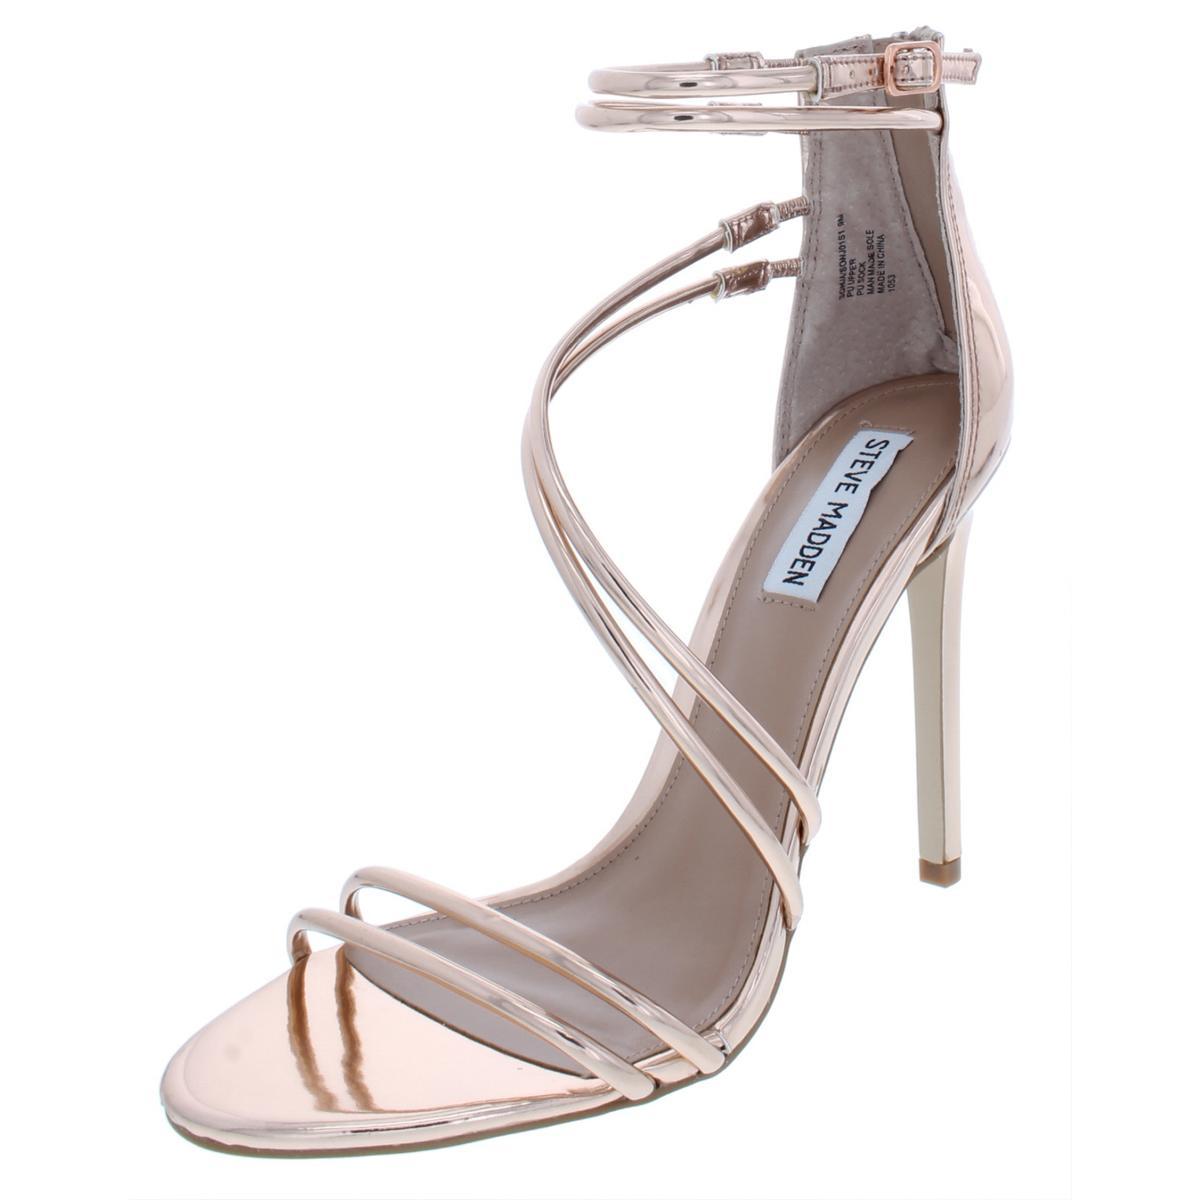 Details about Steve Madden Womens Sonja Bronze Evening Sandals Shoes 7  Medium (B